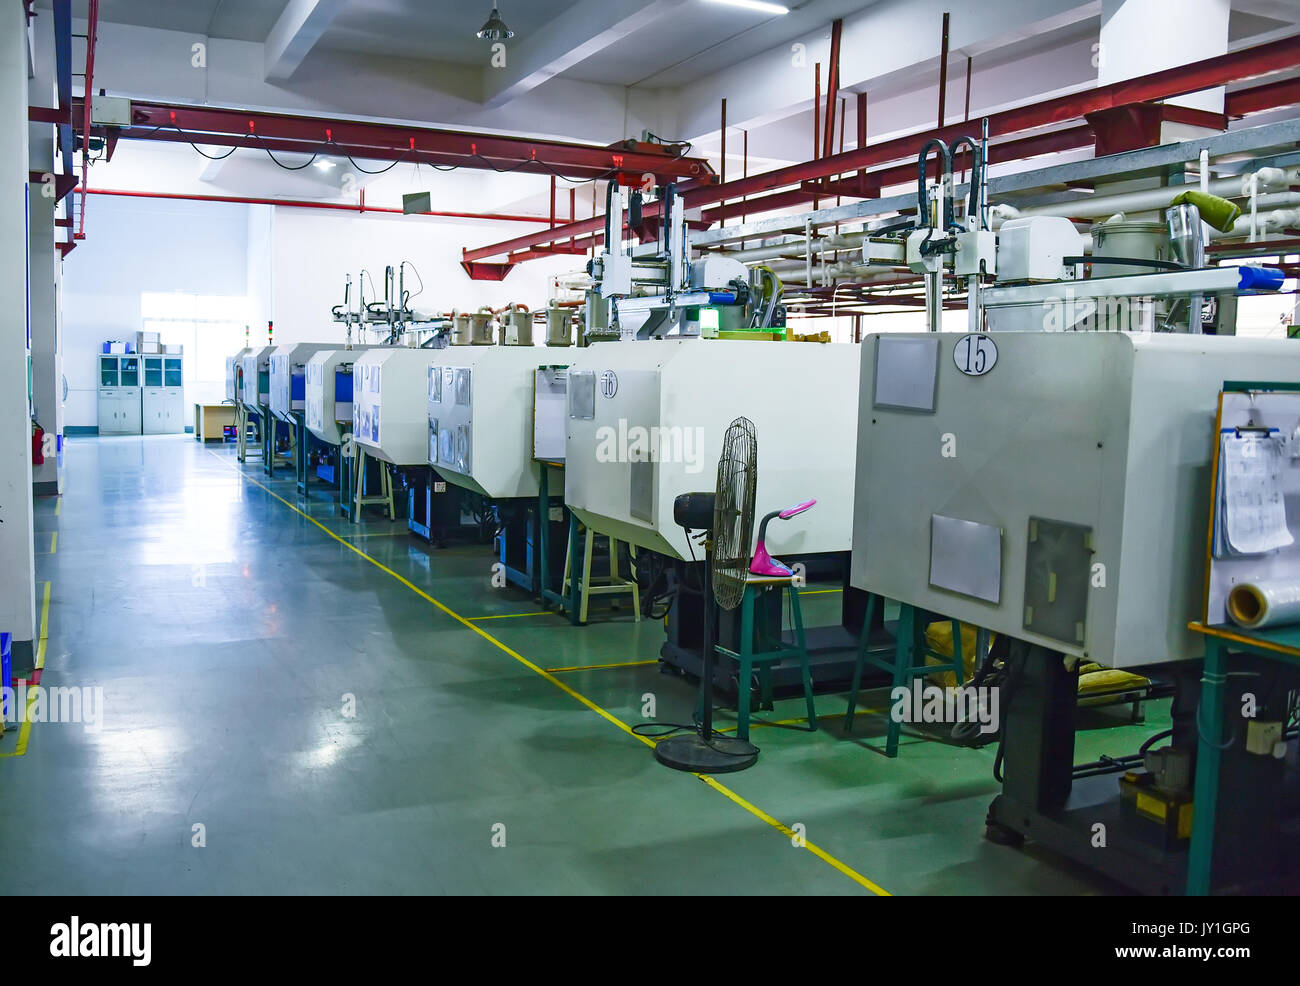 Zona de taller con una fila de máquinas CNC Foto de stock